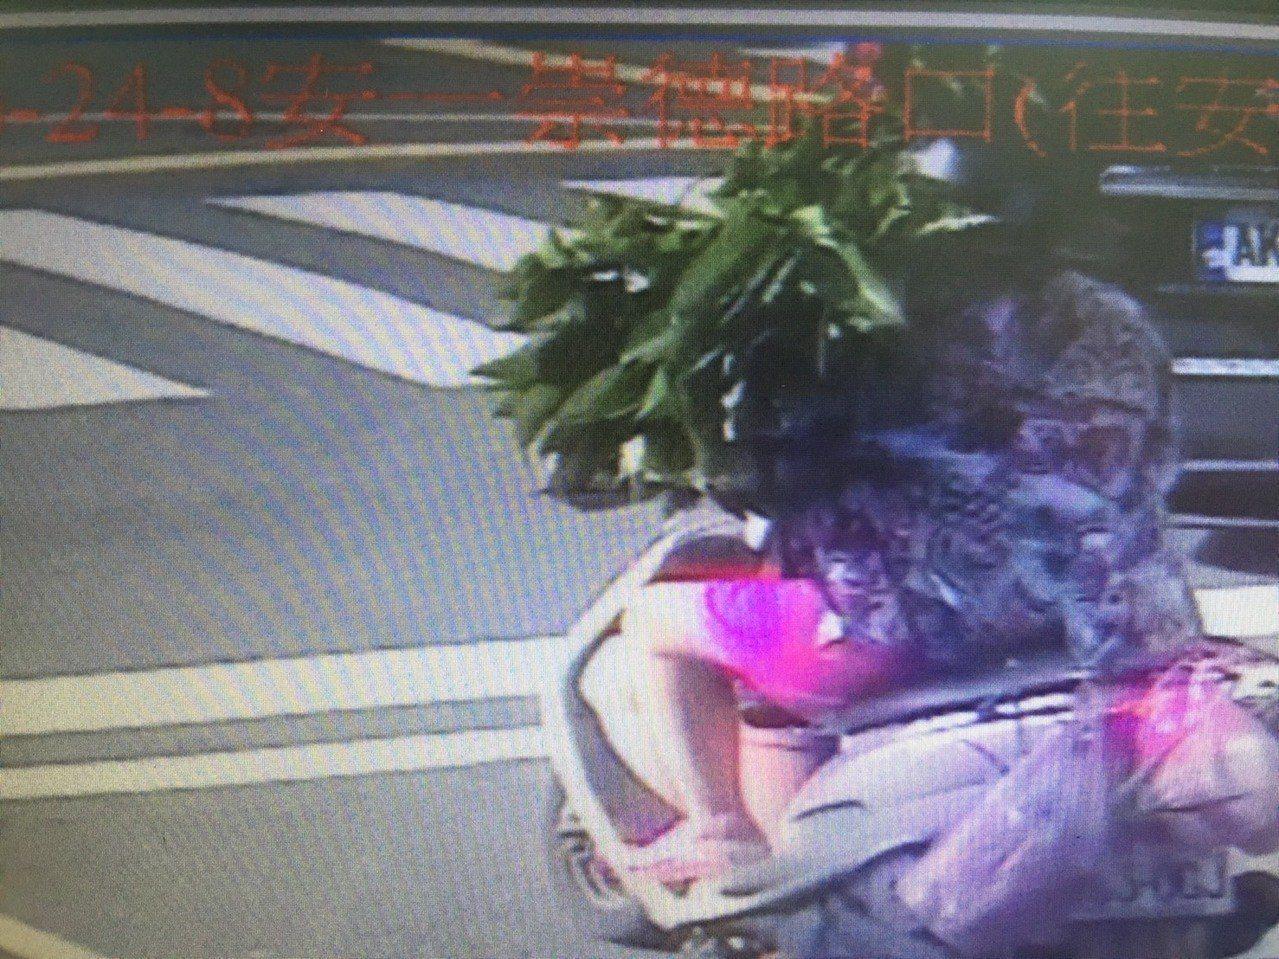 樹葉整個都遮蔽婦人的臉龐,員警調出監視器發現也覺得誇張,嘆有如「抓到寶可夢椰子樹...